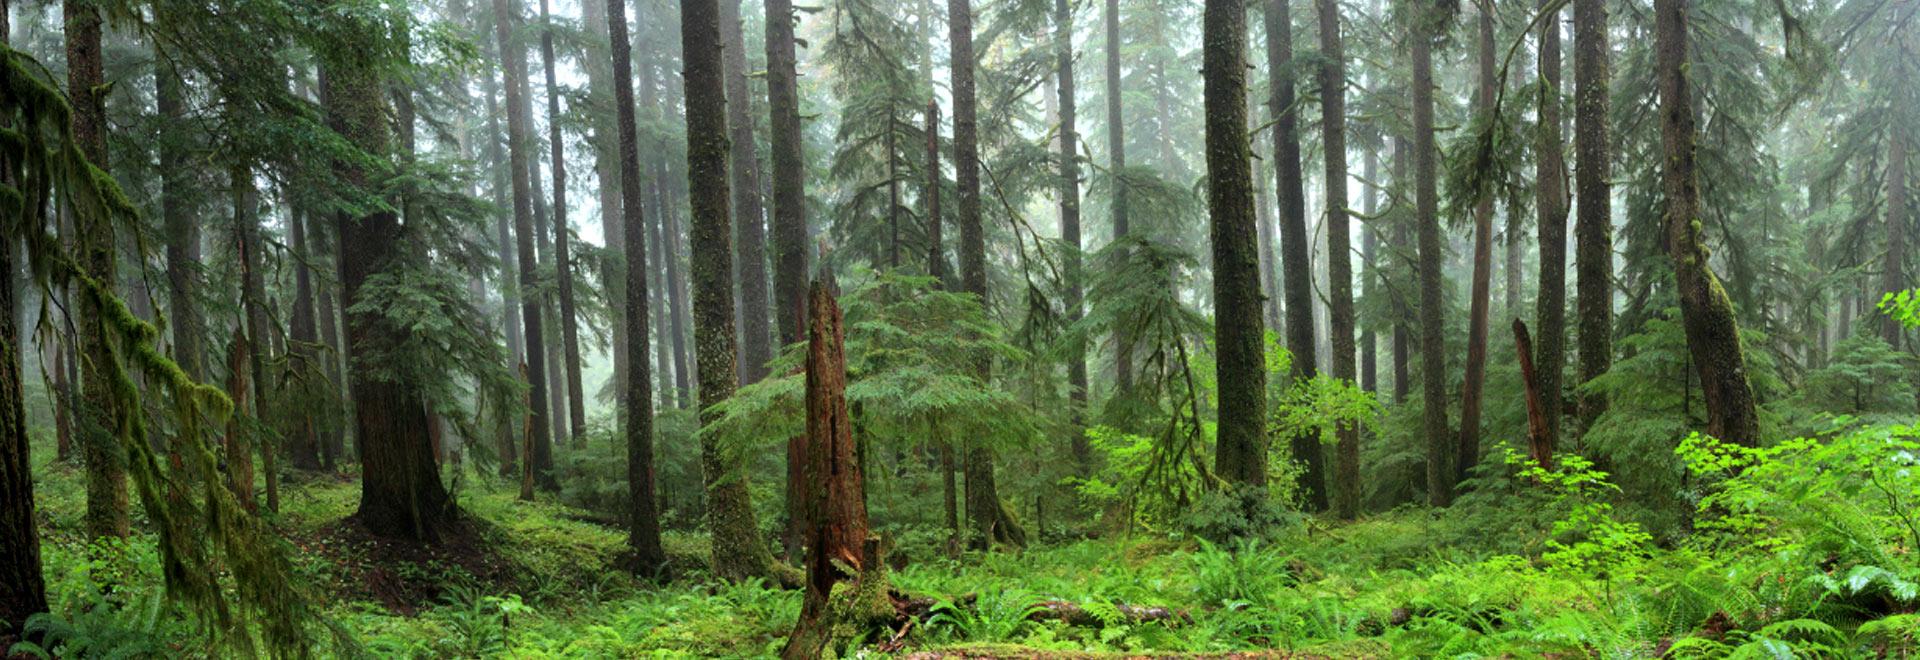 Nature - forest - slider element